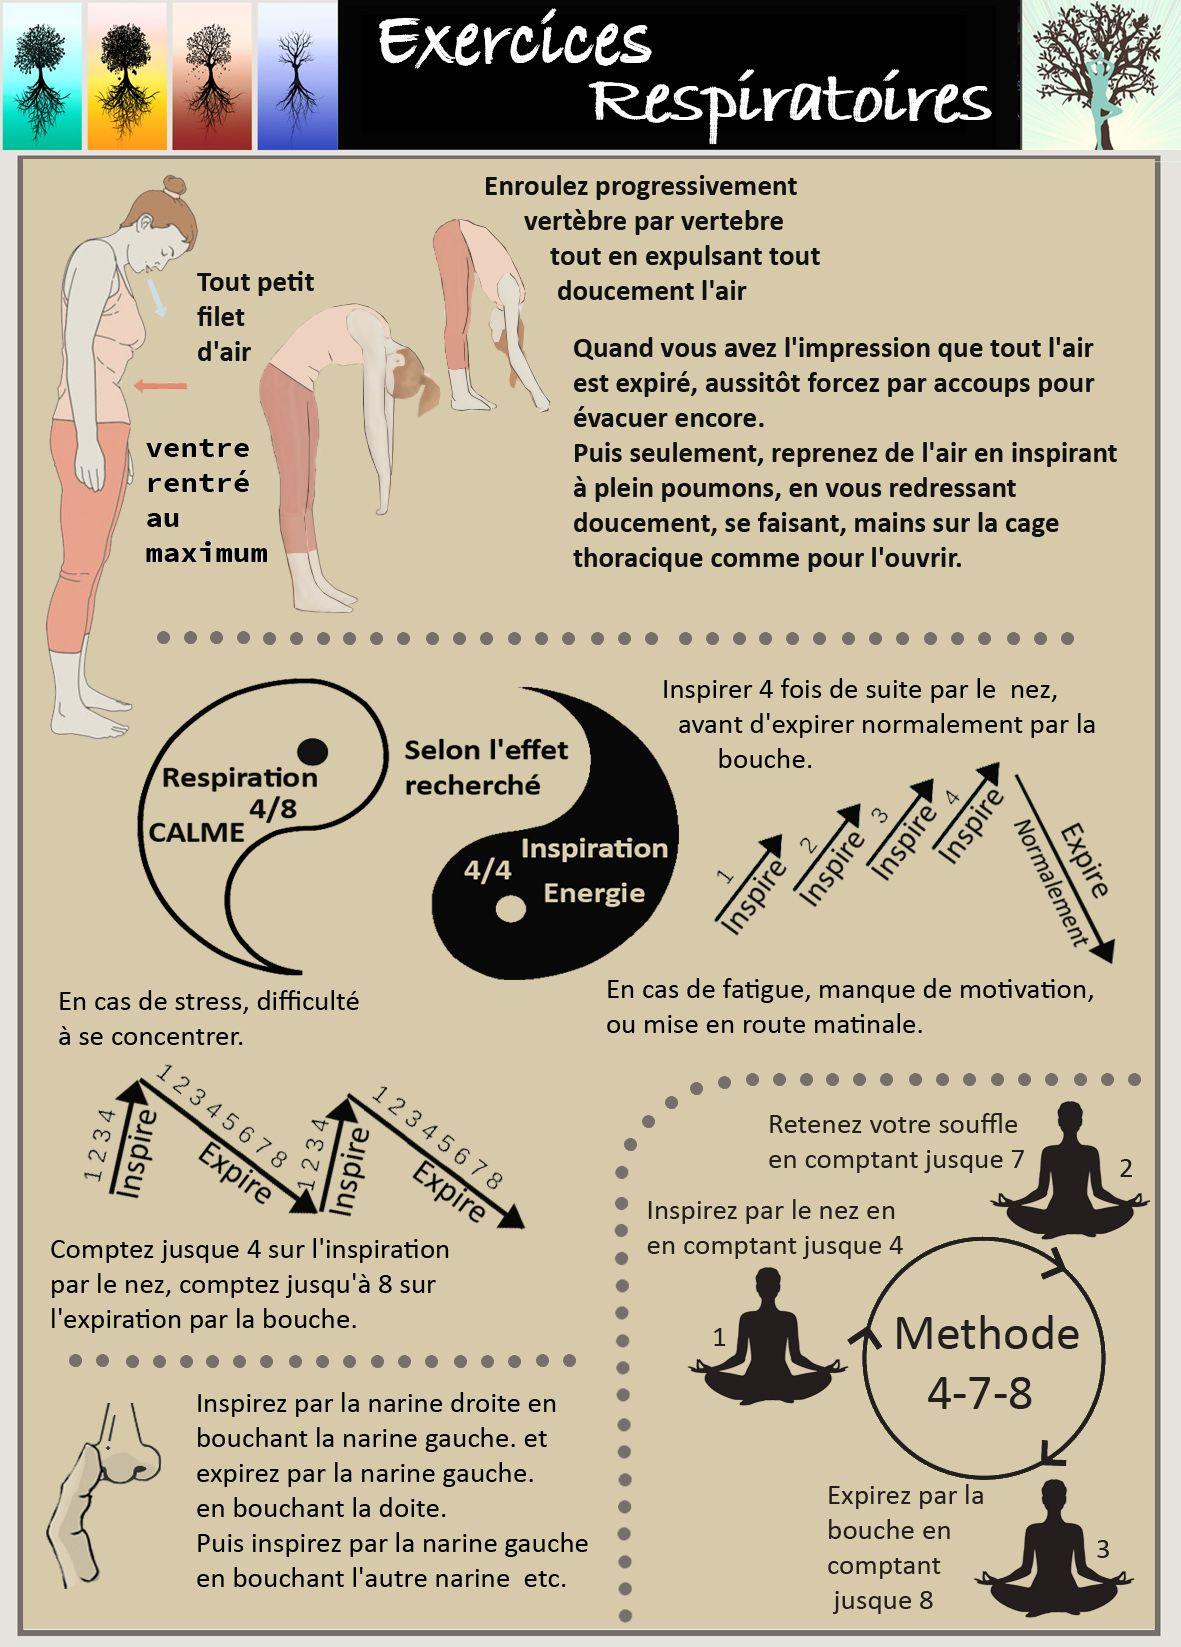 Comprendre Et Gerer Le Stress Bien Etre Sante Relaxation Massage Stress Shiatsu Qi Exercices Respiratoires Exercice Relaxation Relaxation Sophrologie